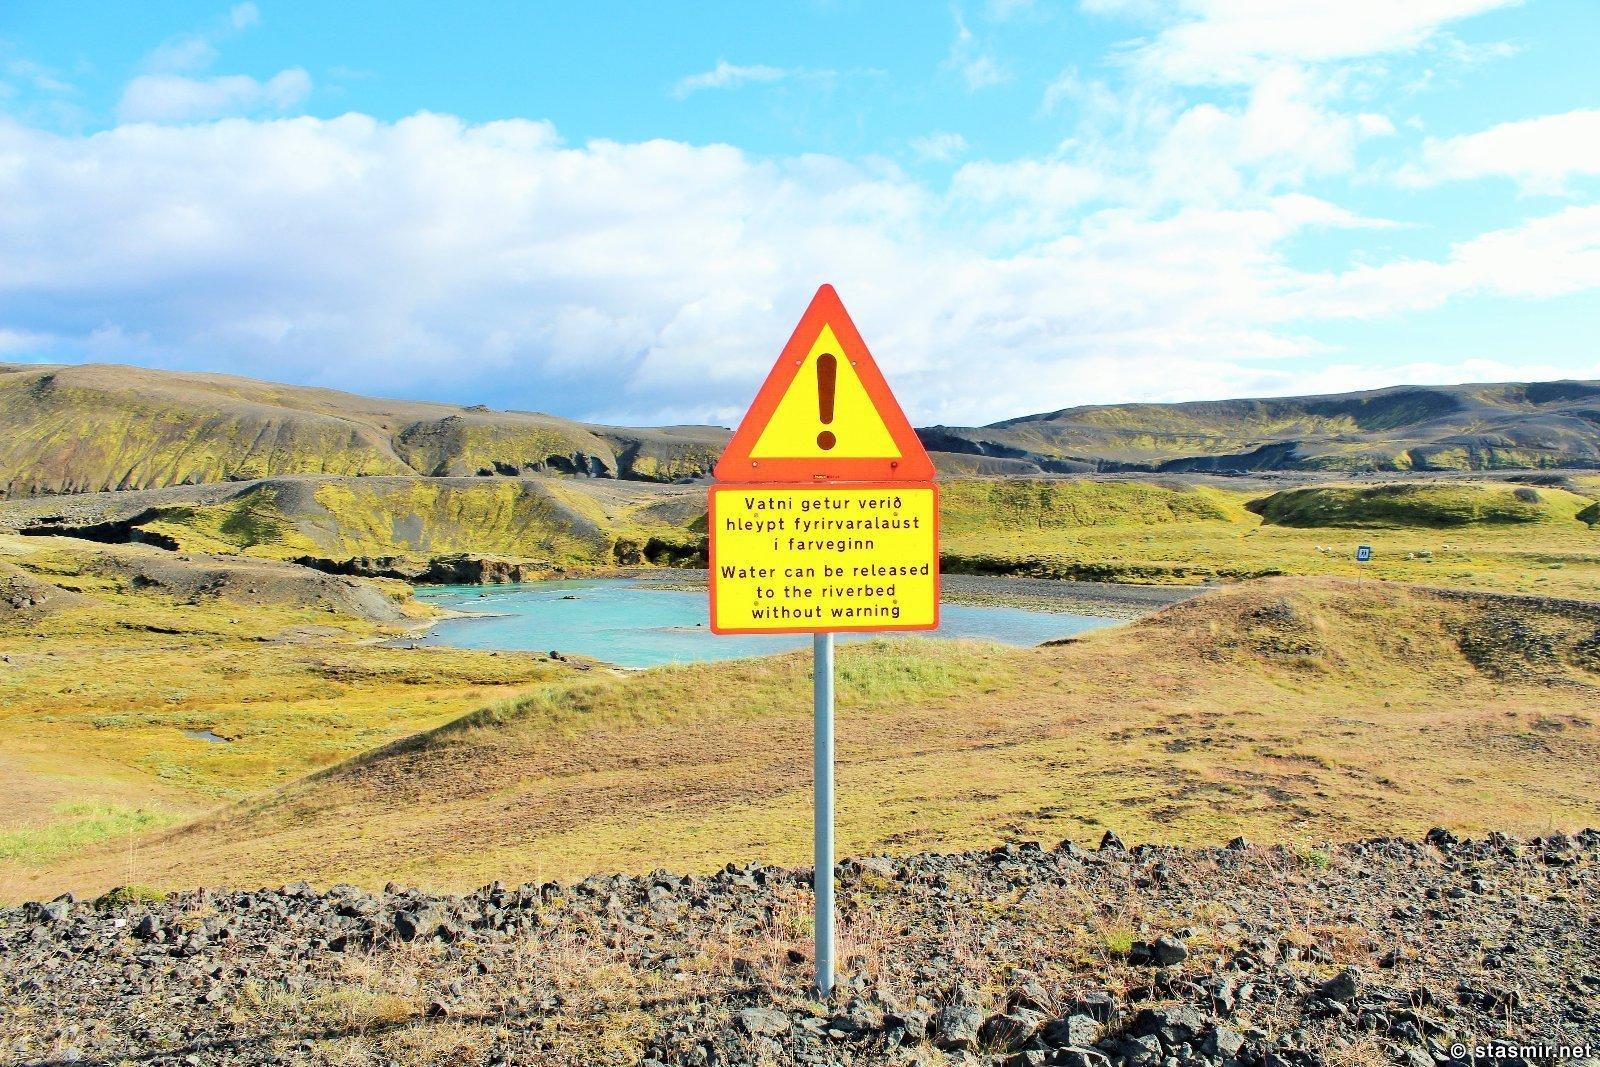 Вулкан Гекла, исландские дорожные знаки, указатели в Исландии, маршрут Ландманналёйгар, Ландманналаугар, Landmannalaugar, Icelandic road signs, Photo Stasmir, фото Стасмир